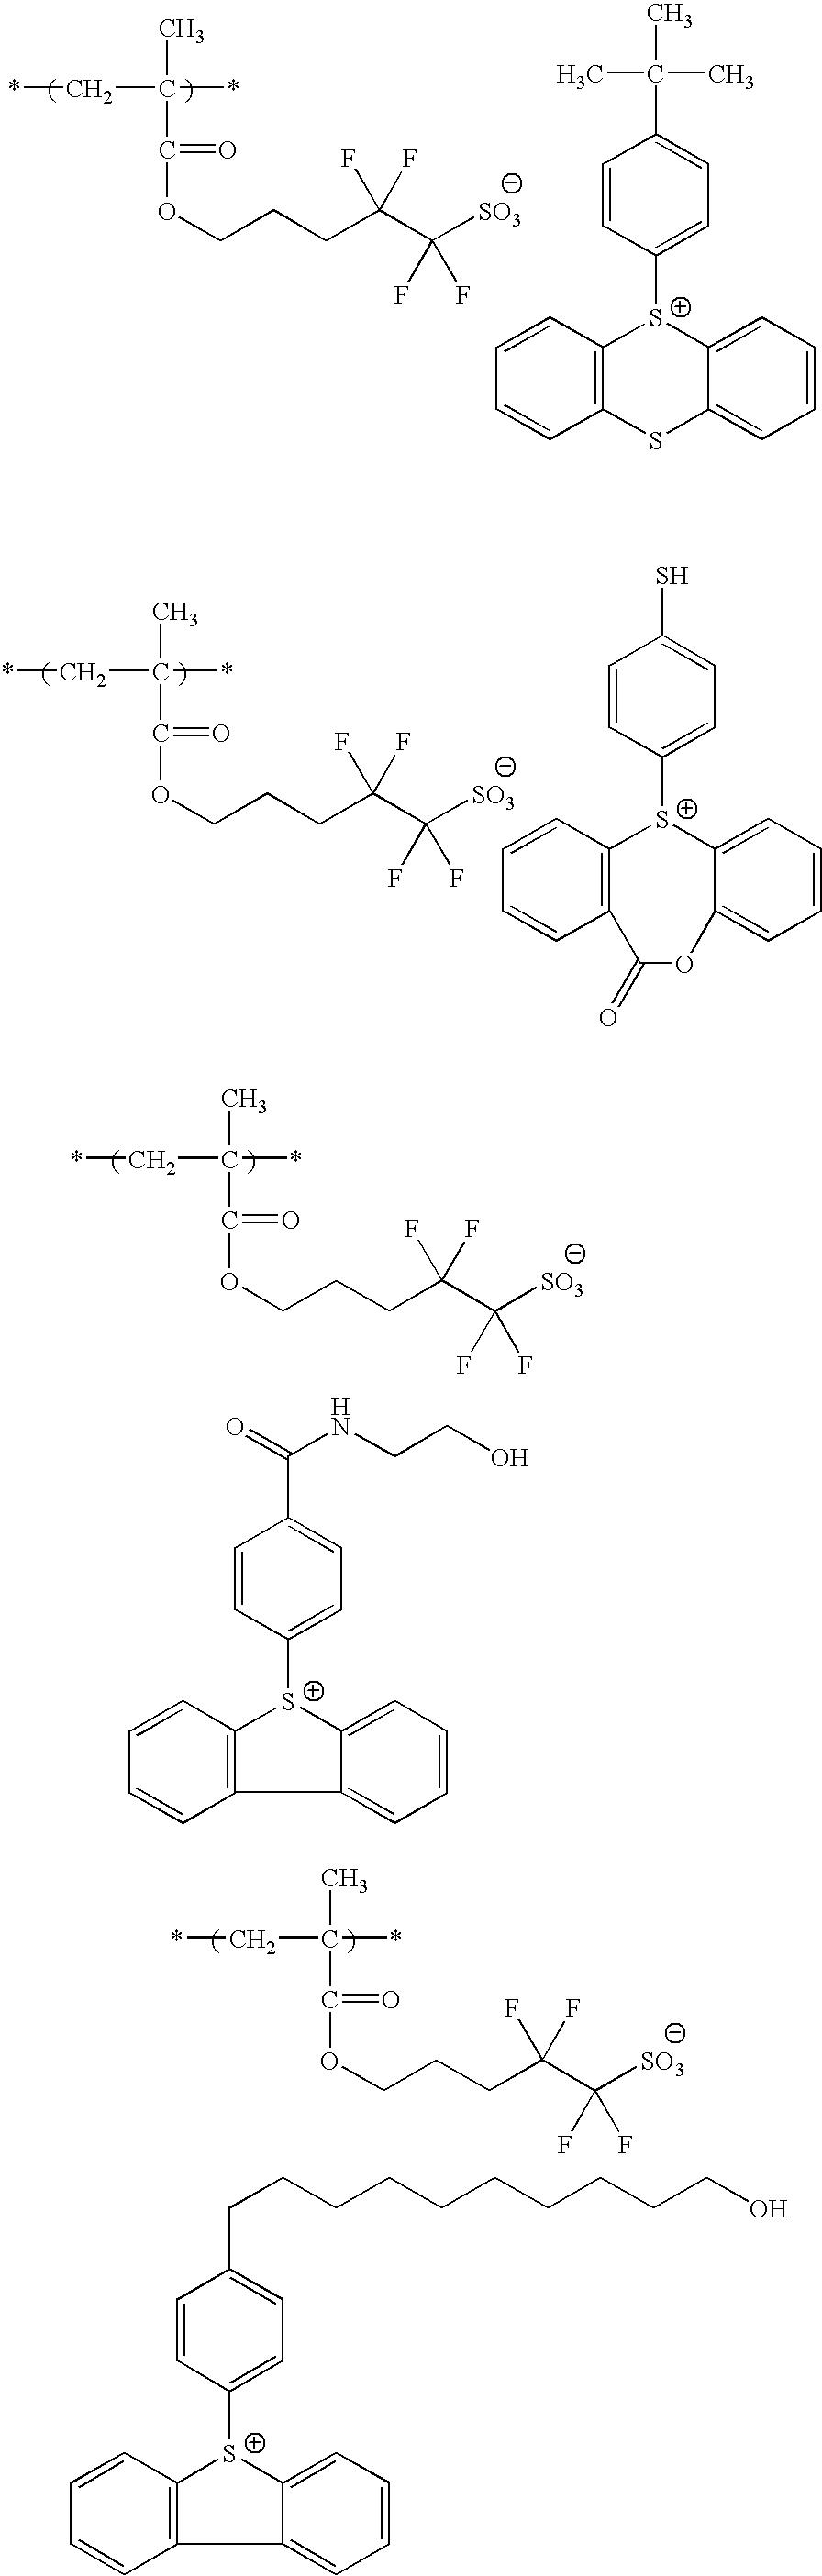 Figure US08852845-20141007-C00065